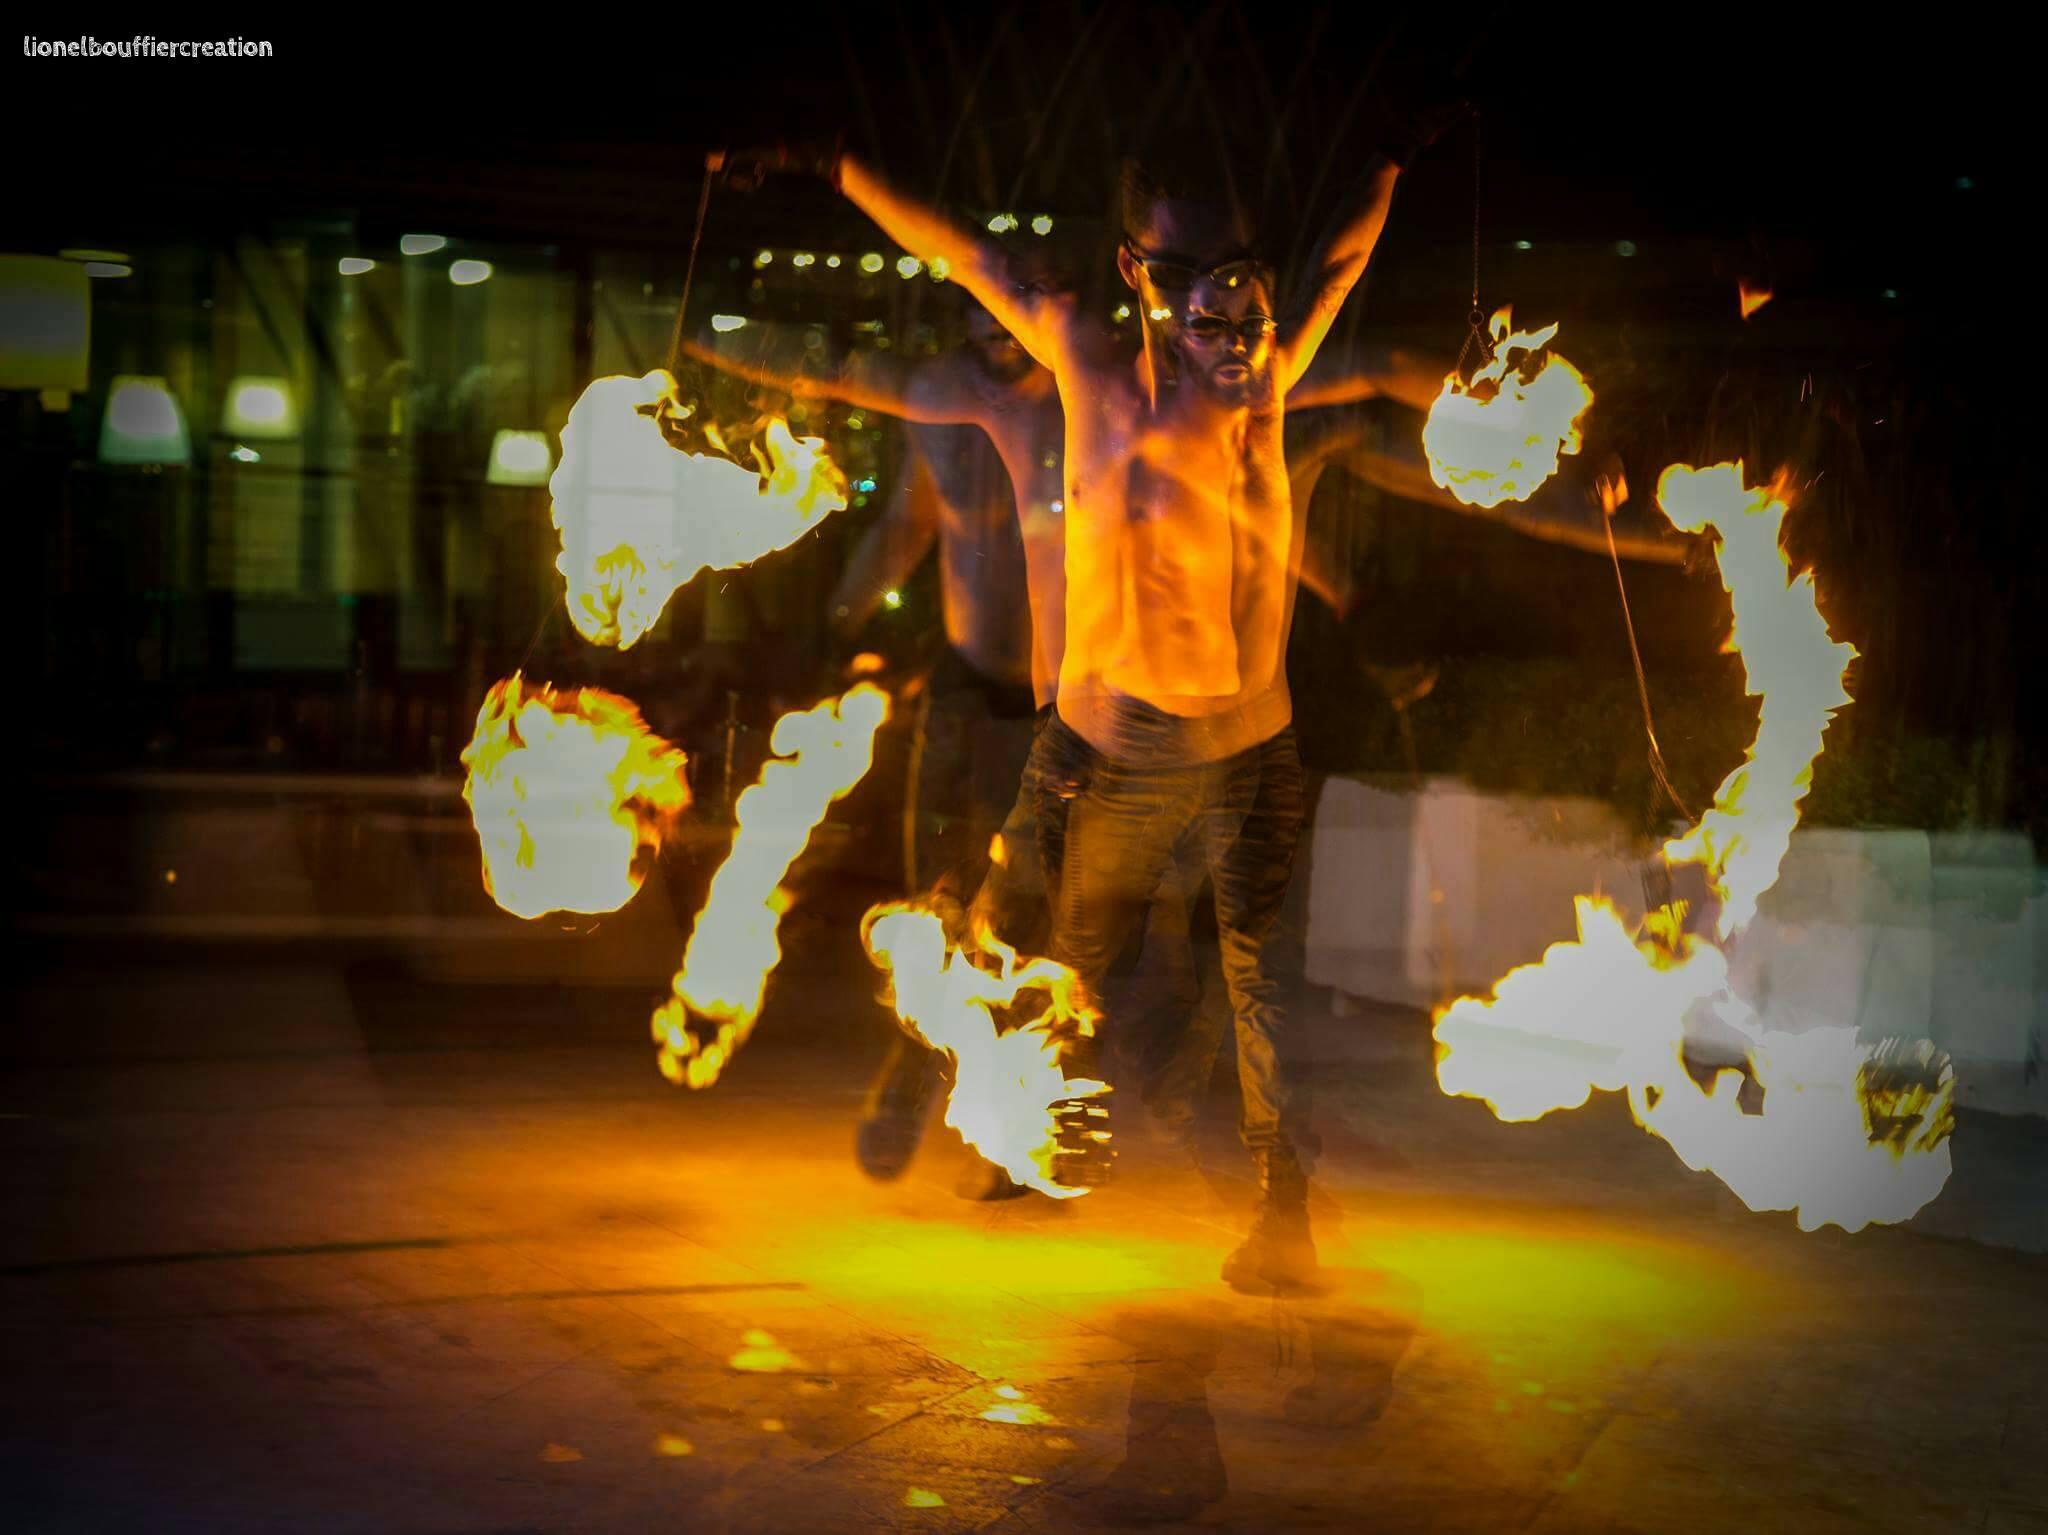 Compagnie Arteflammes, Cie Arte Flamme, spectacle de feu, fire show, performeurs cote d'azur